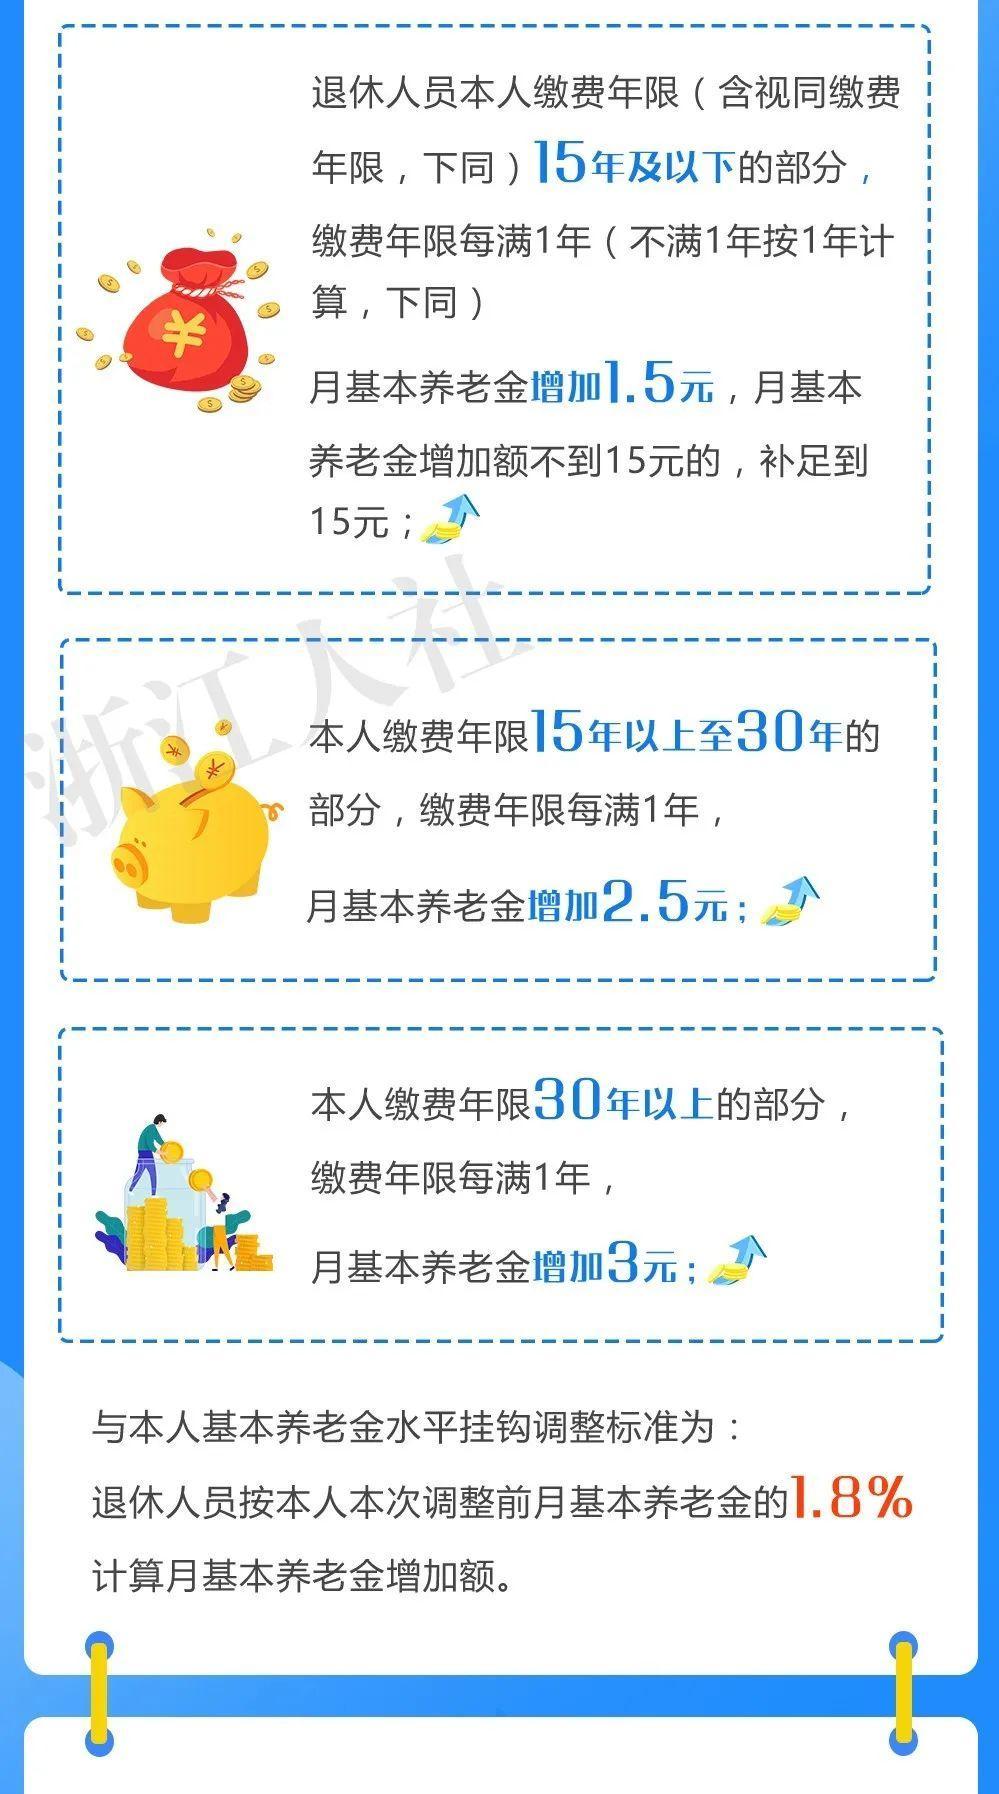 杭州提高退休人员养老金,总体调整比例5%图2